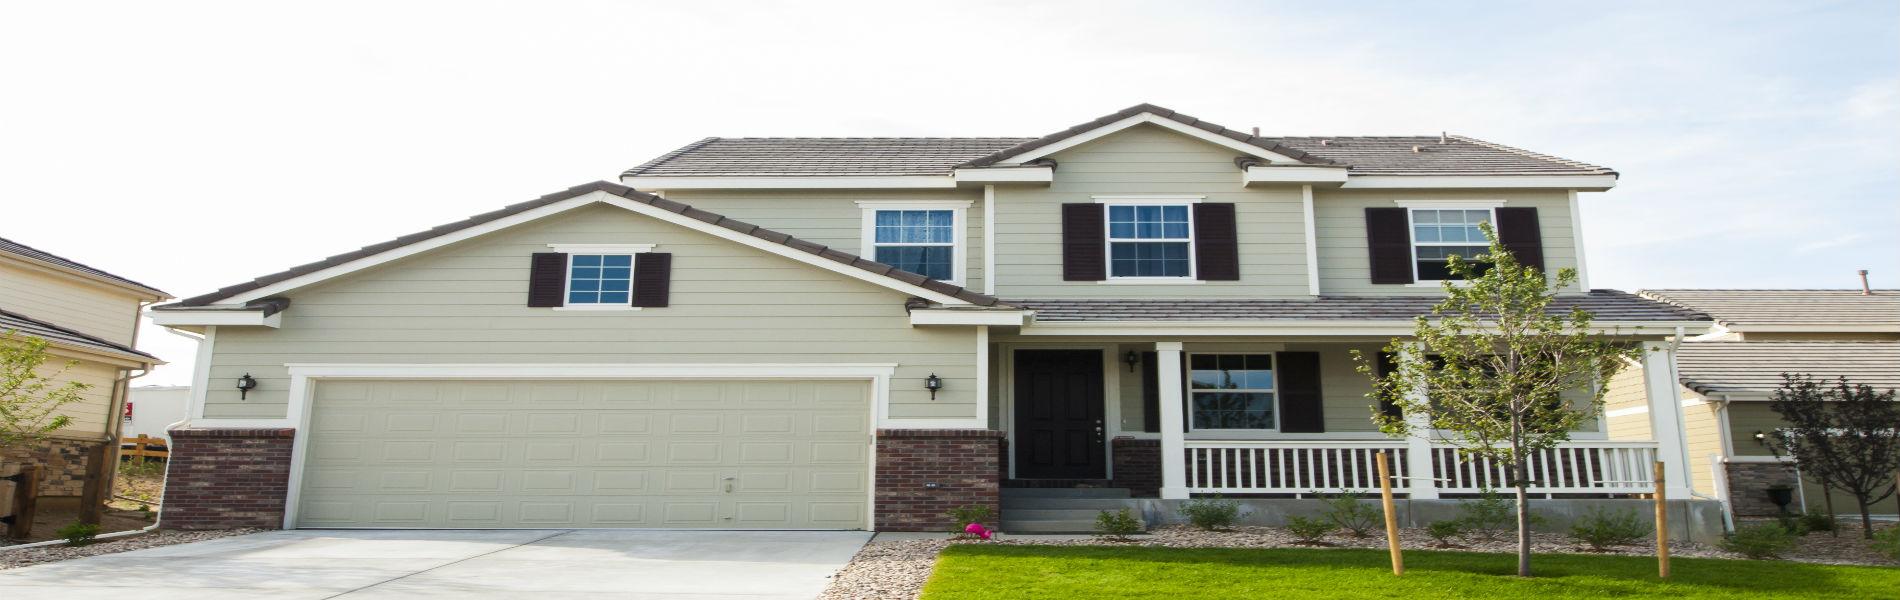 Fullsize Of Colorado Home Finder